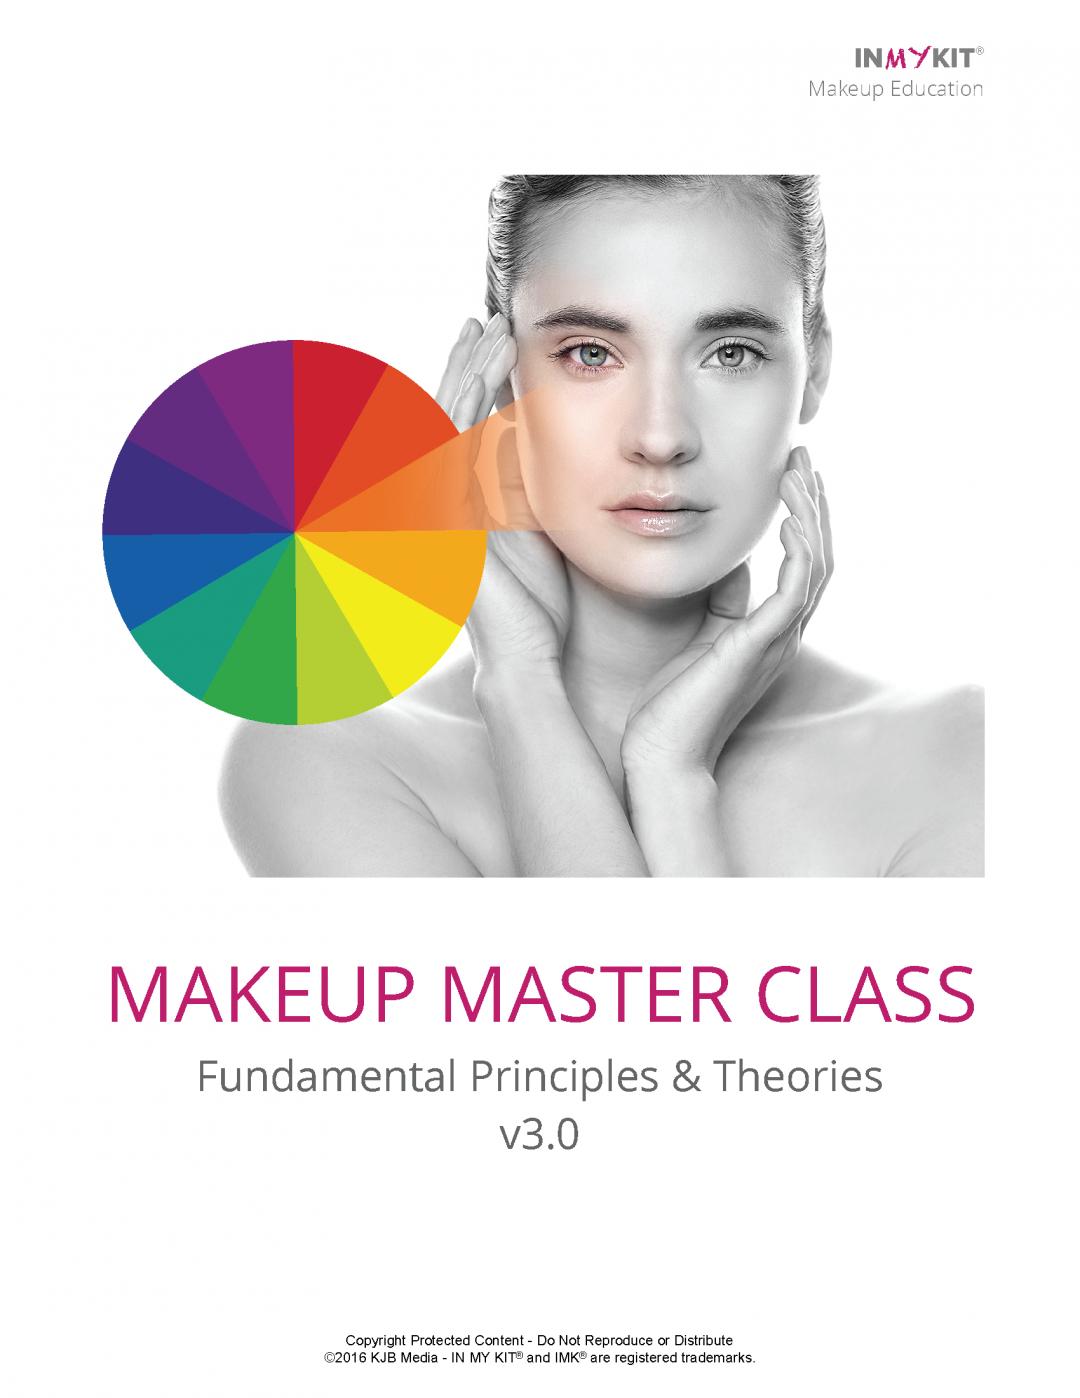 Makeup Master Class Workbook